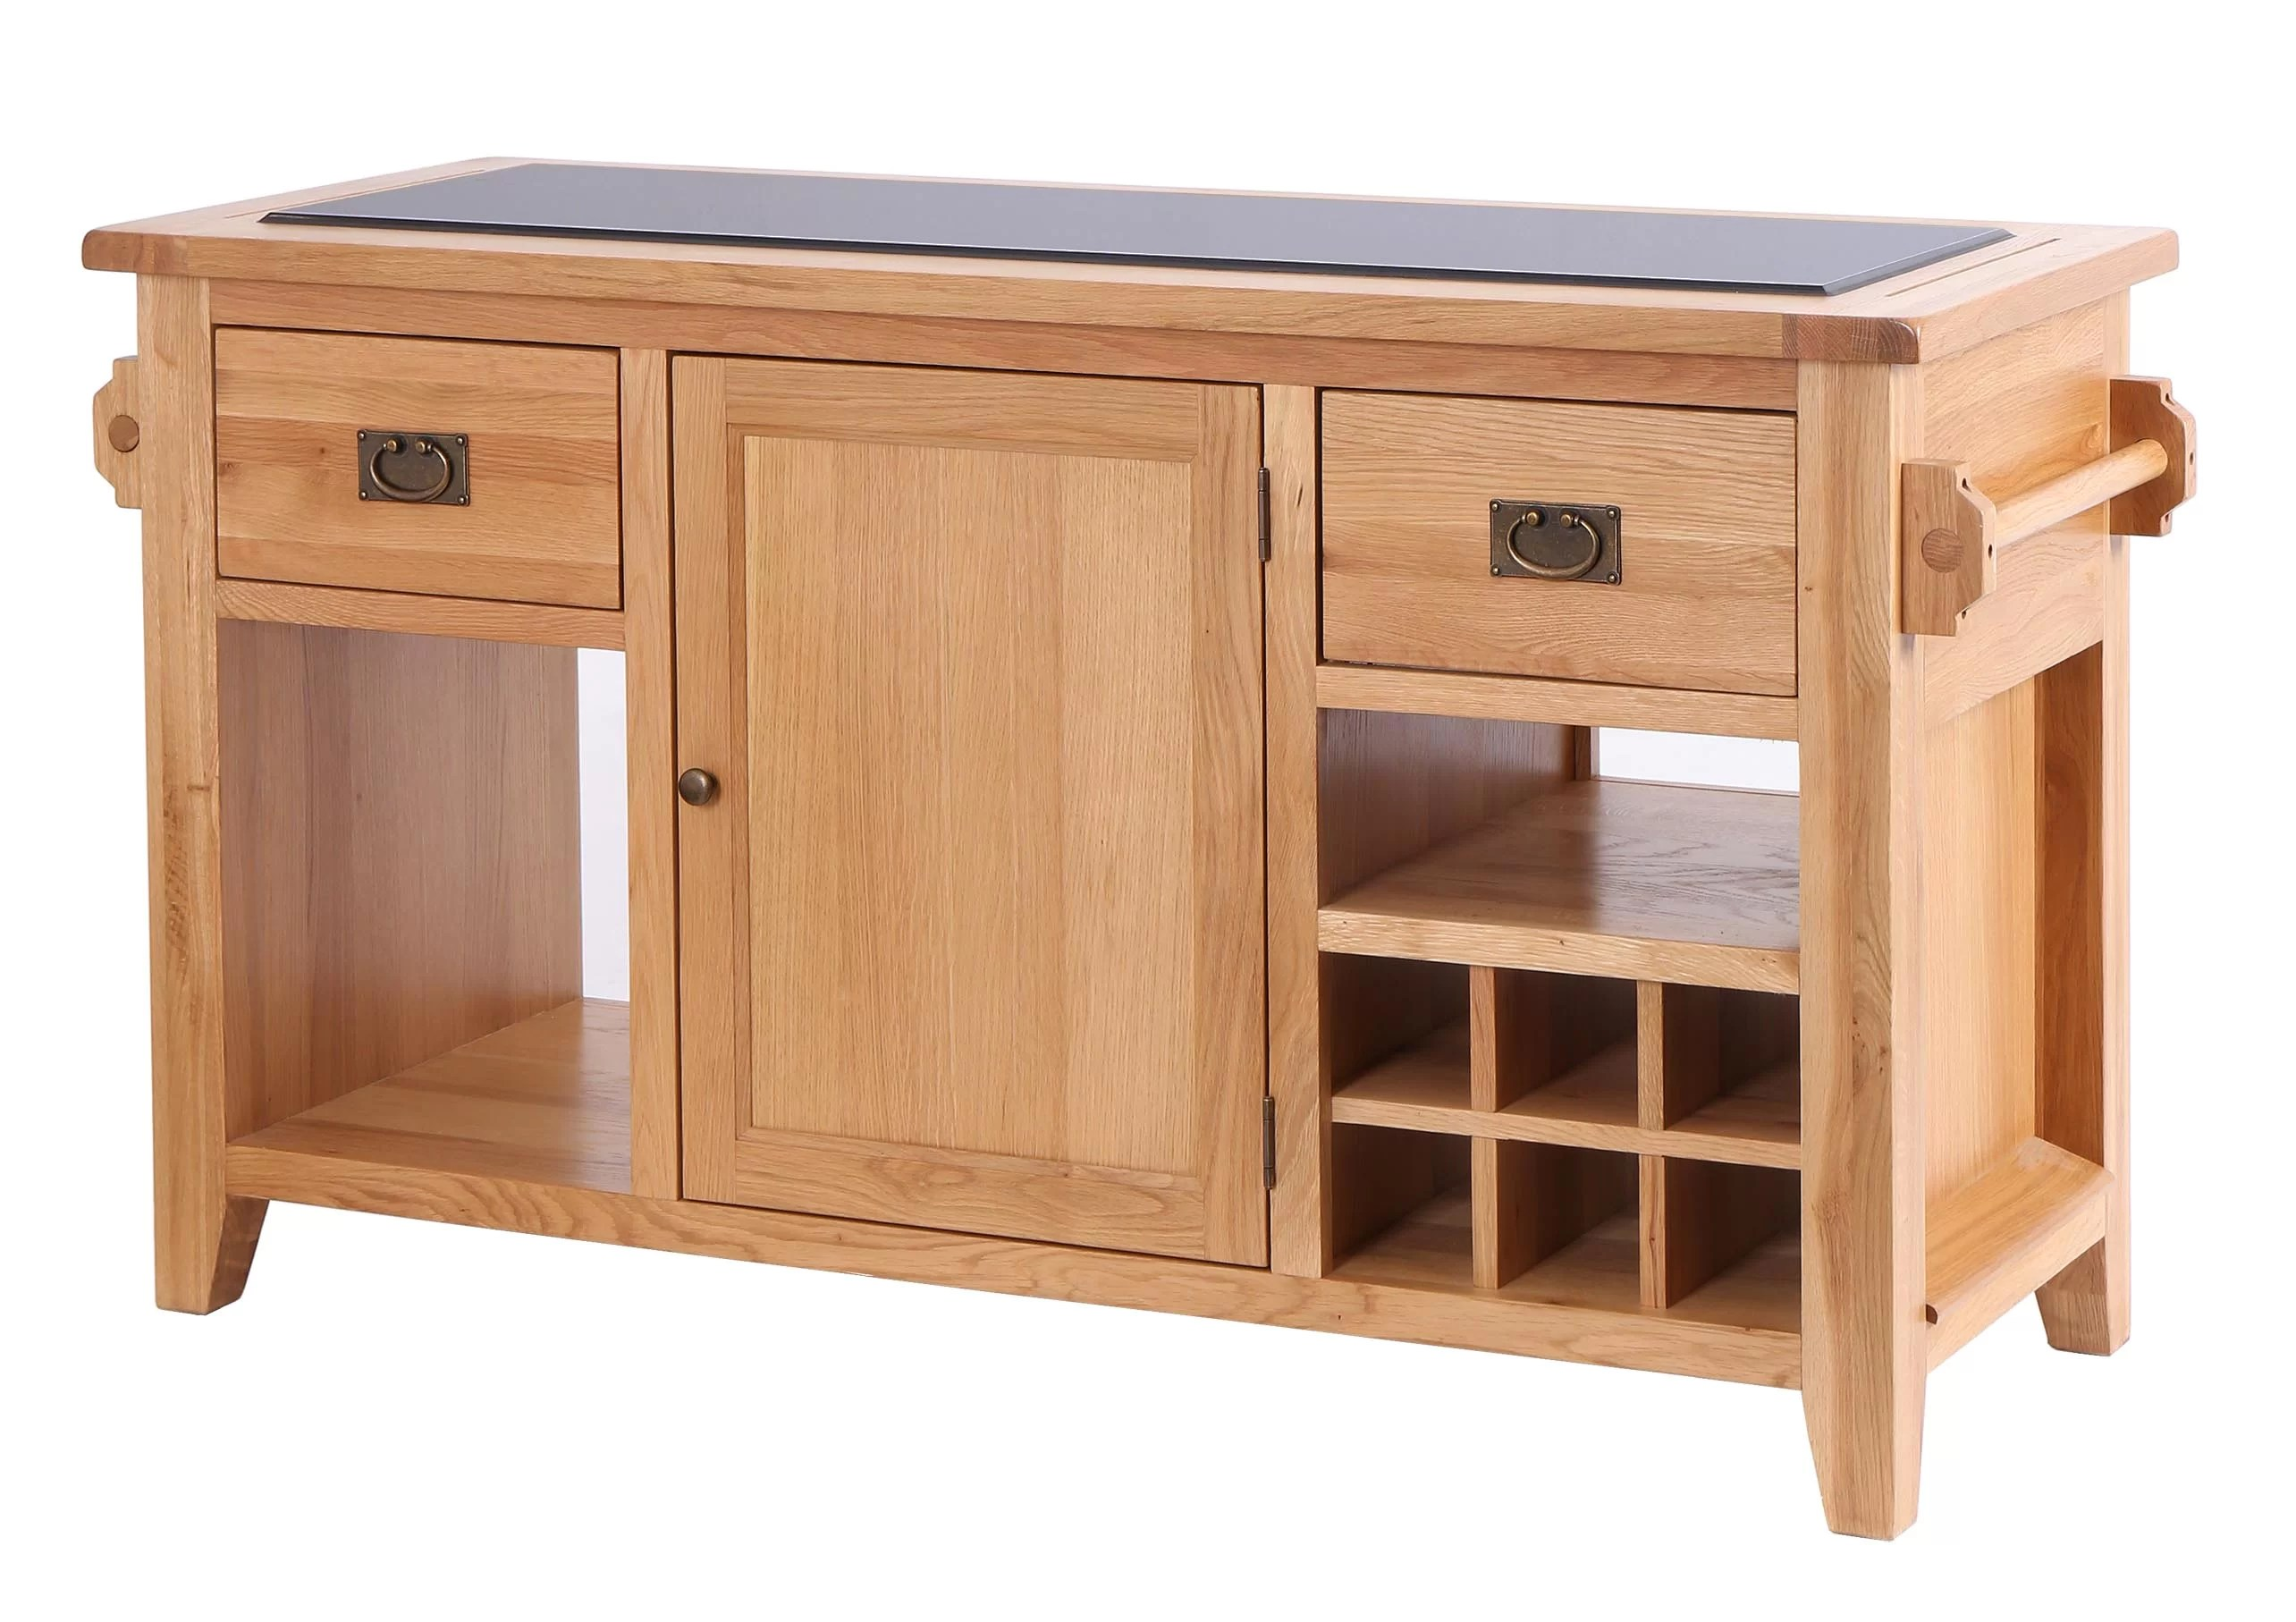 Kucheninsel 80 X 60 Mini Kuchenzeile Ikea Sconto Kuchenblock